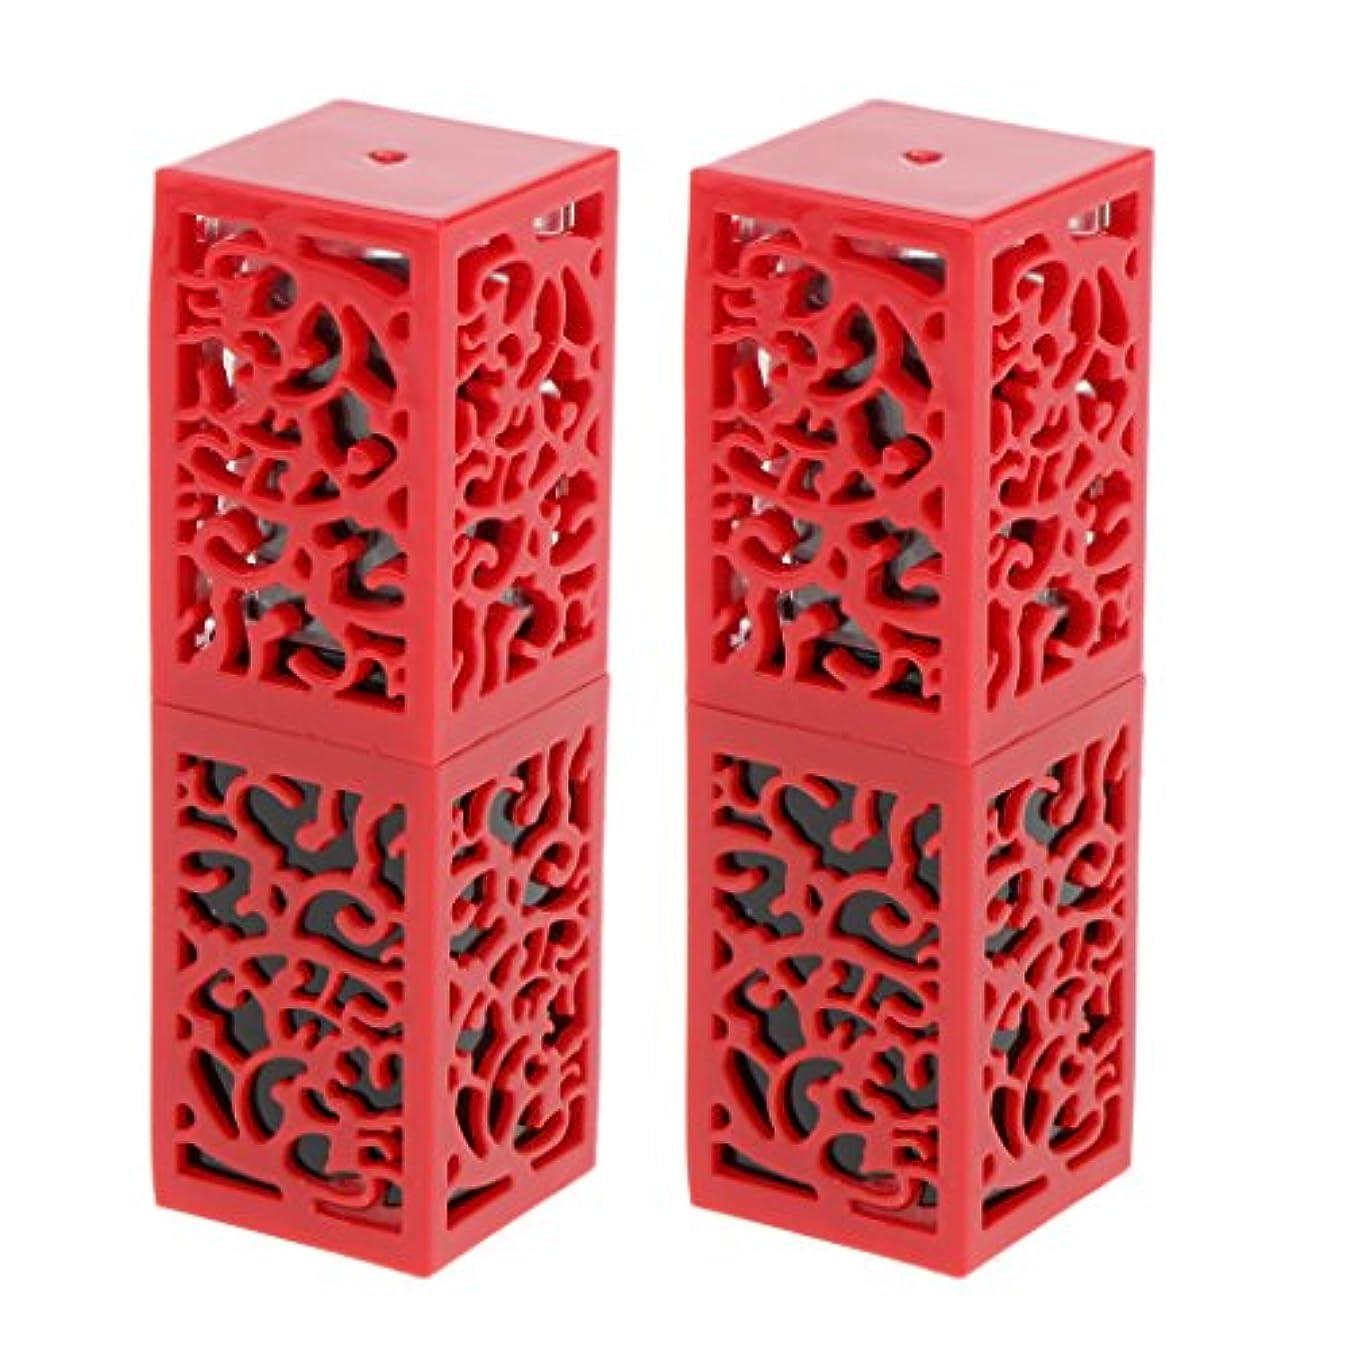 パイプライン誤借りている2個入 口紅チューブ リップスティックチューブ 内径1.21cm 金型 コスメ 化粧品 DIY 全2色 - 赤